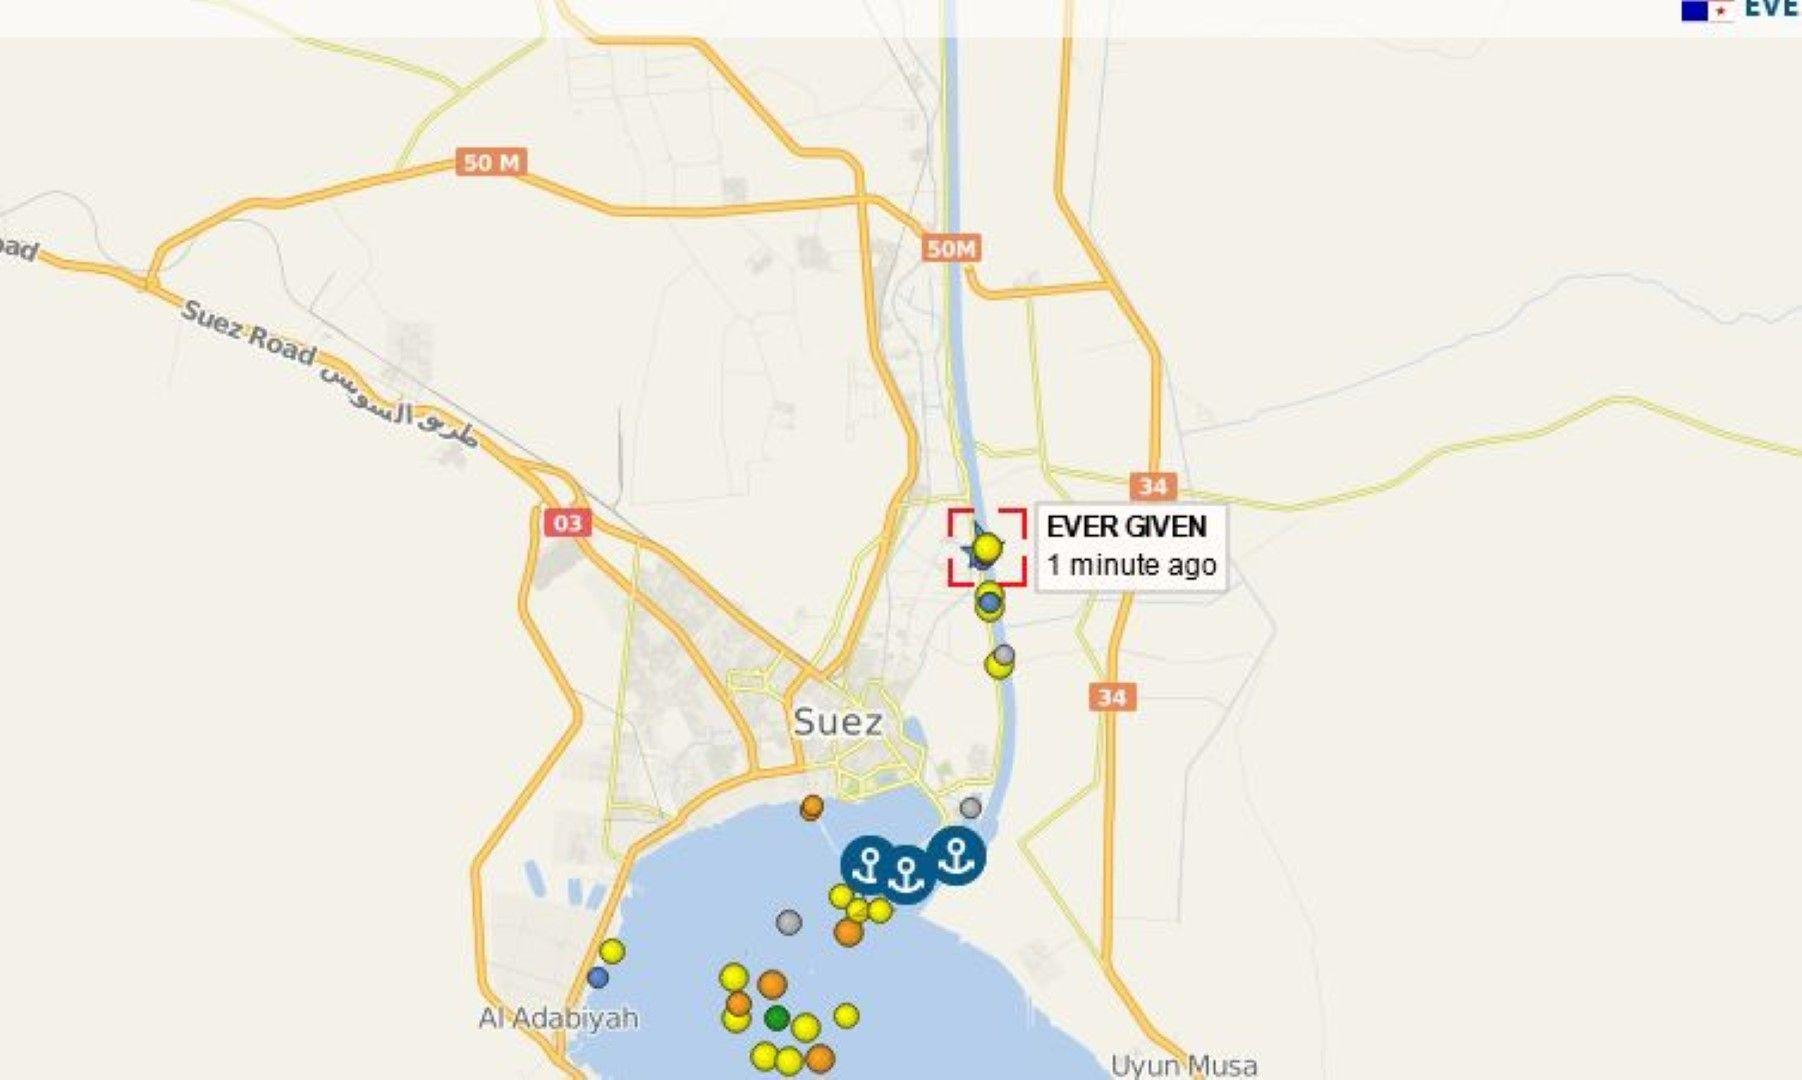 Карта, която показва корабът в средата на канала и събиращата се опашка от изчакващи плавателни съдове